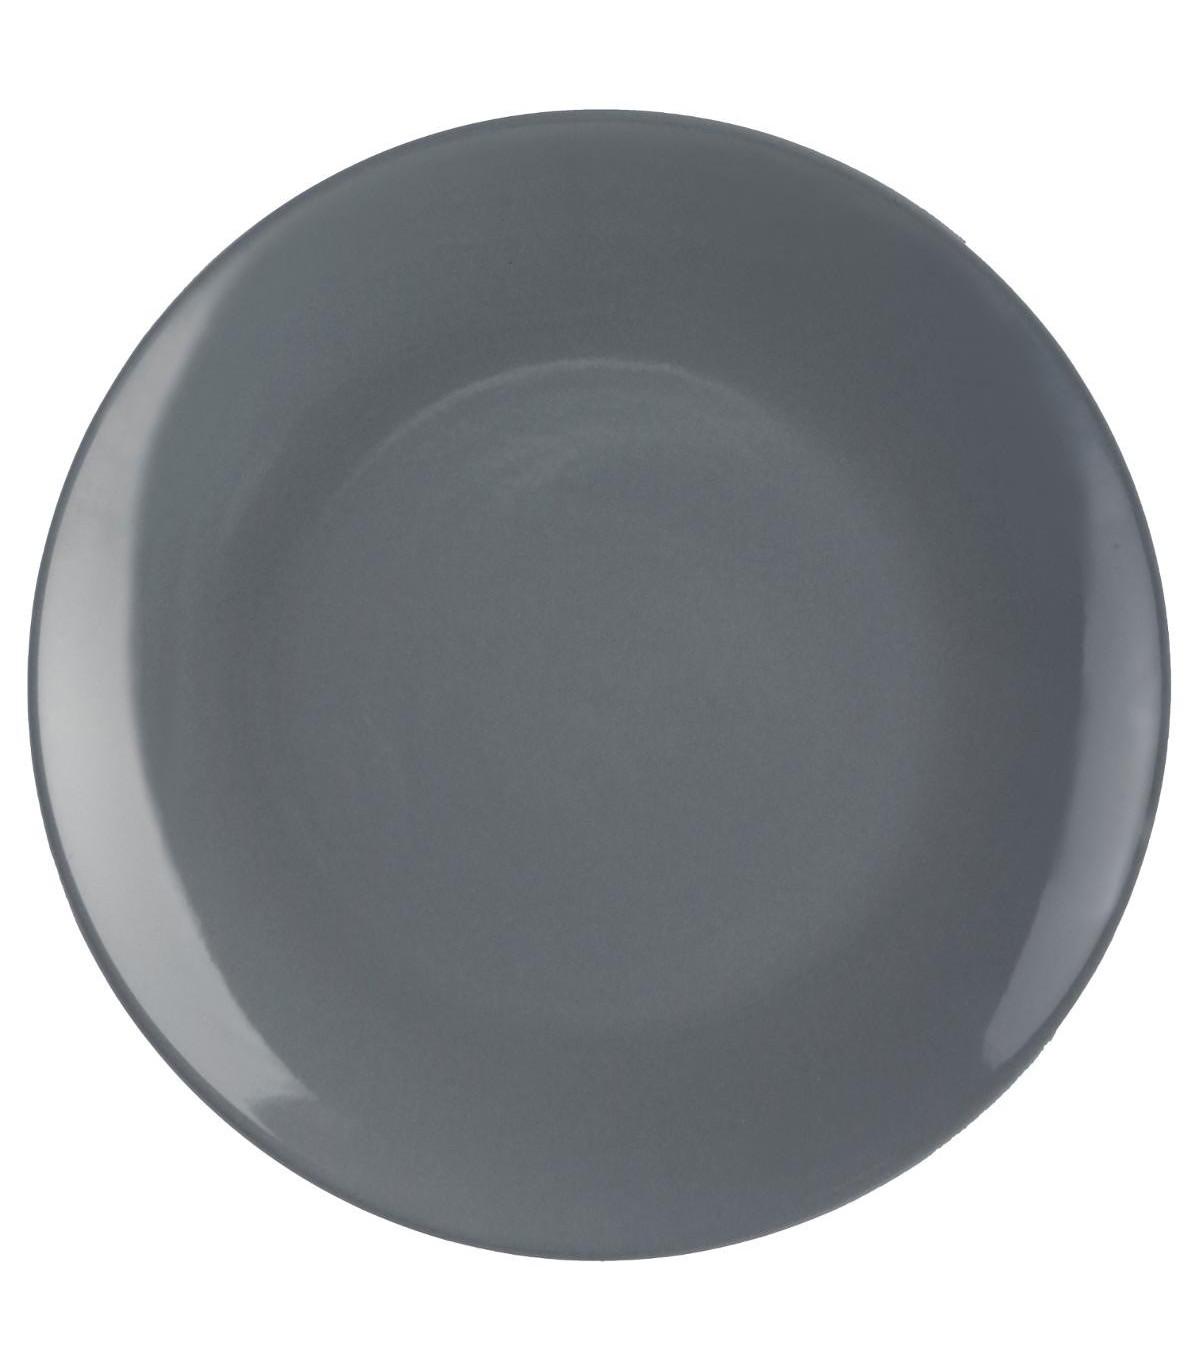 Assiette plate COLORAMA GRIS 26CM